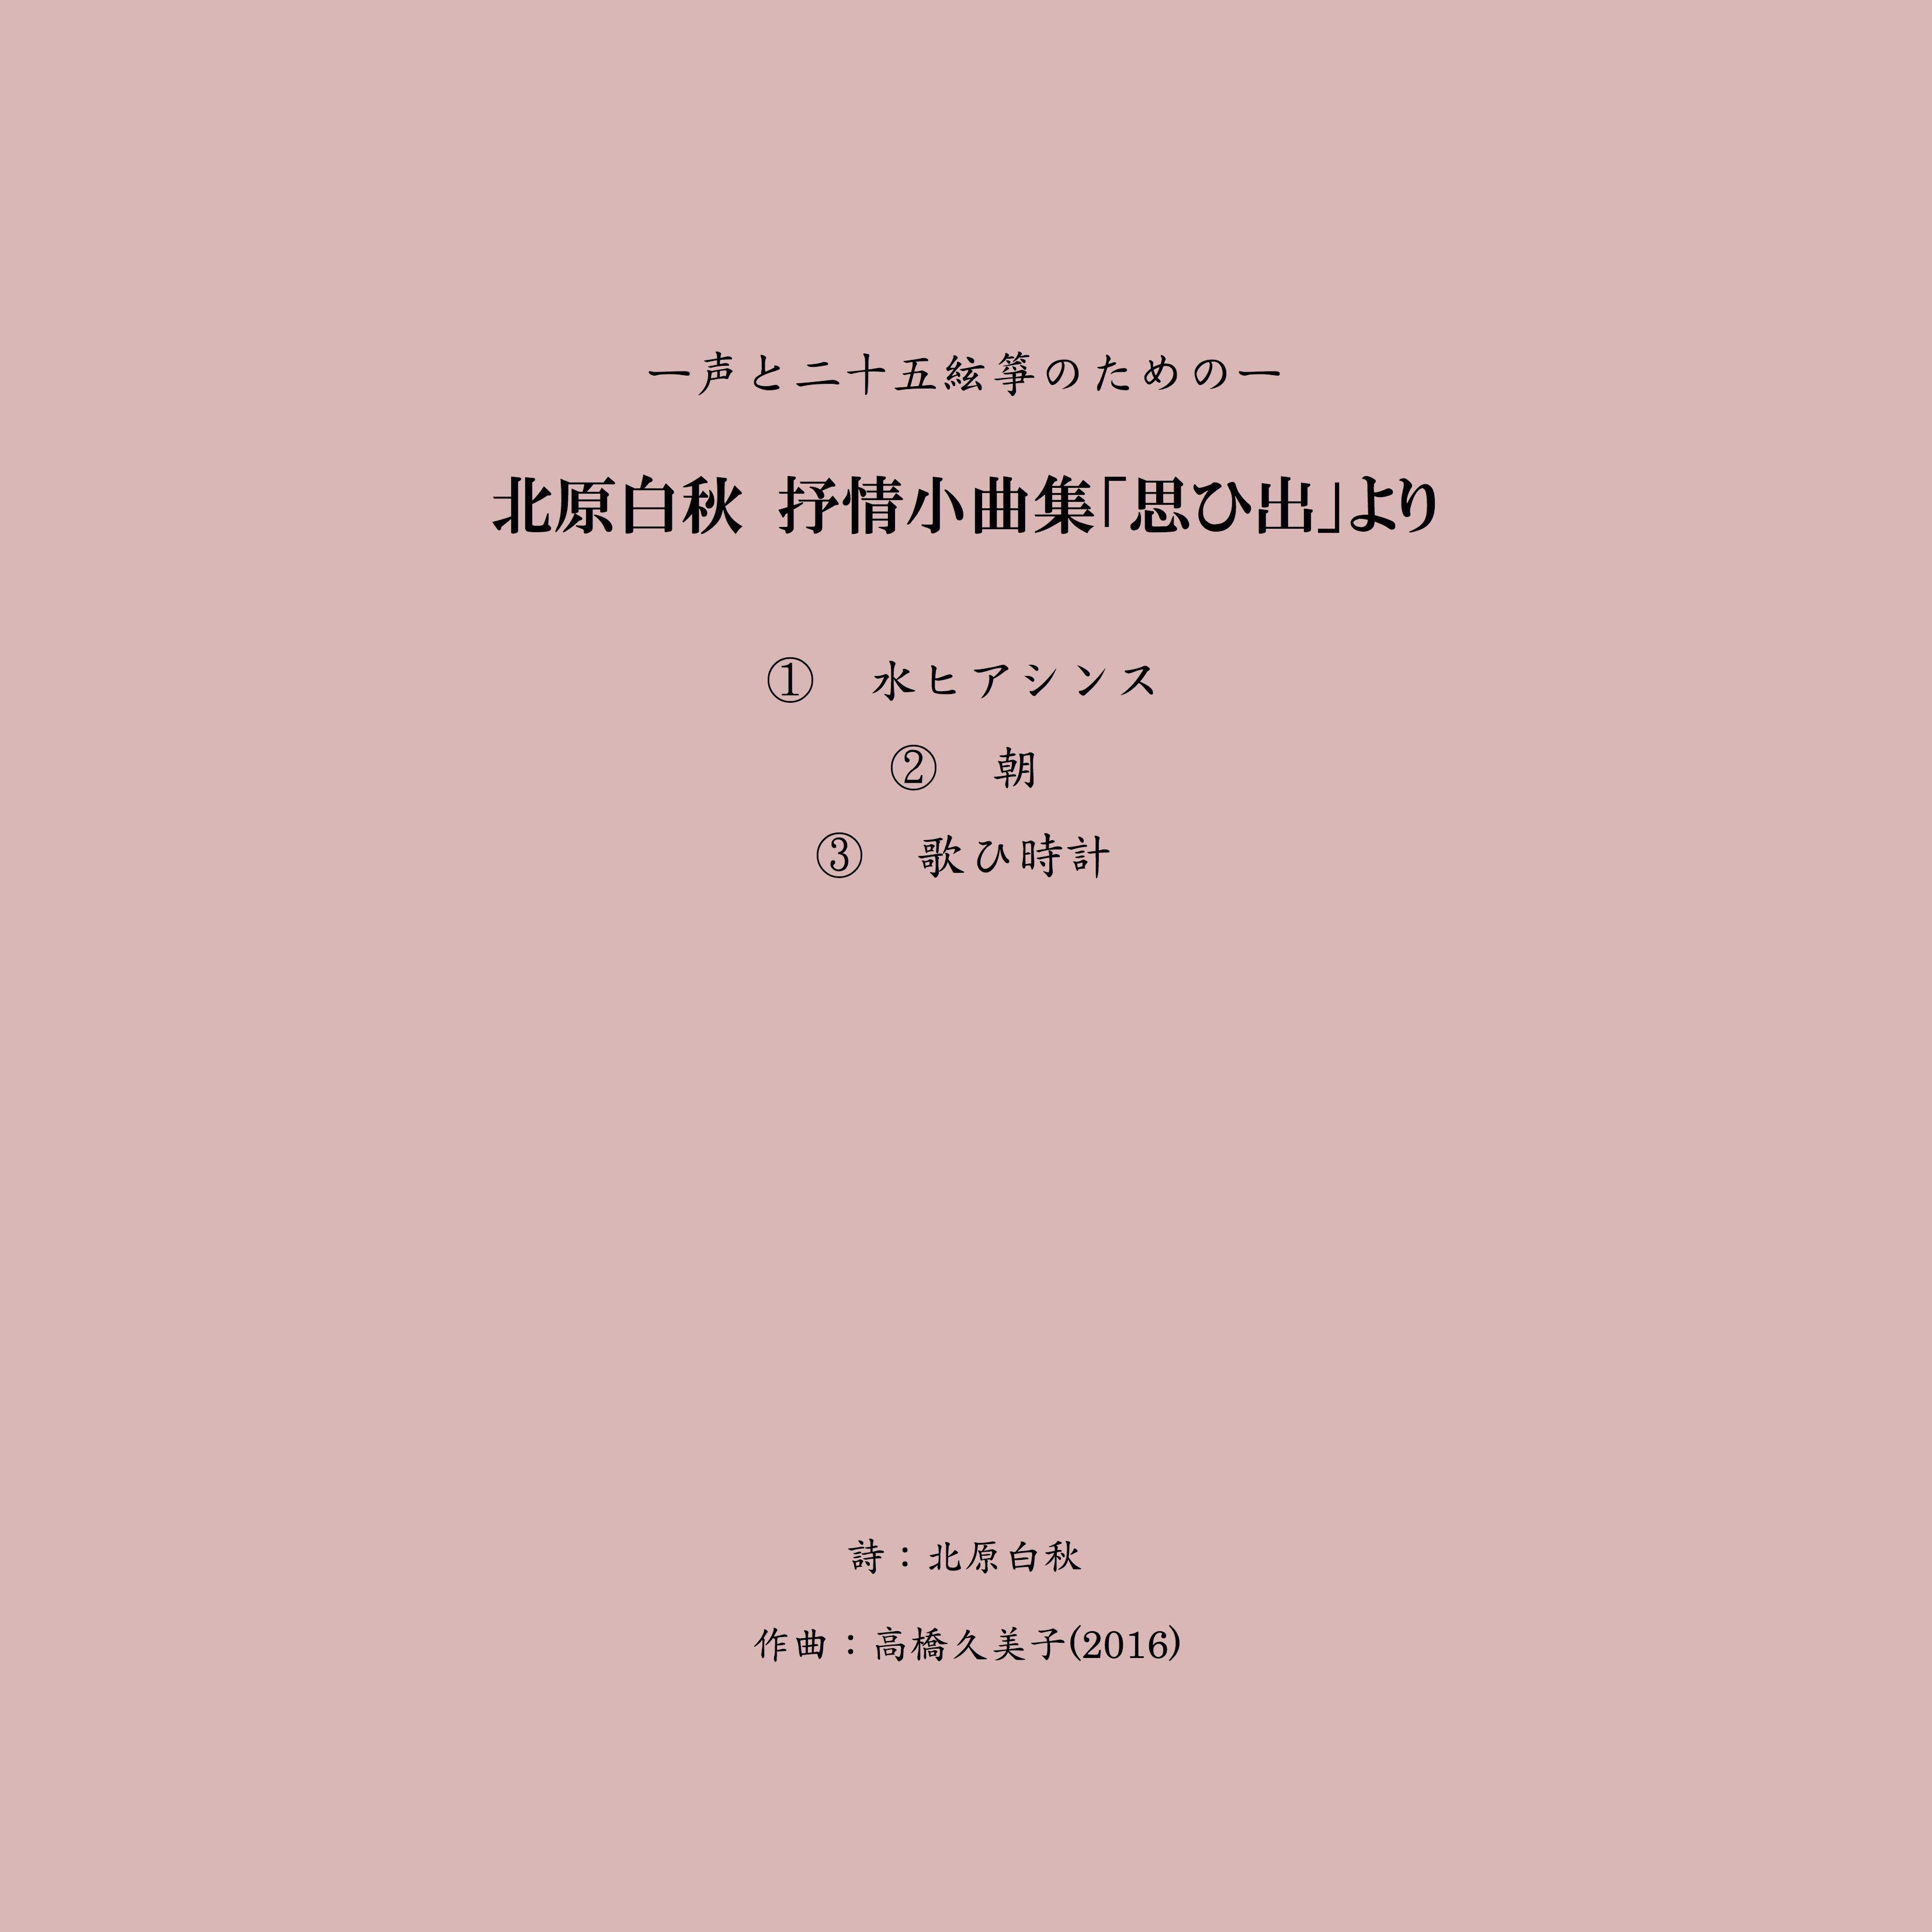 【楽譜 】声と二十五絃箏のための─北原白秋 抒情小曲集「思ひ出」より(五線譜)A4判